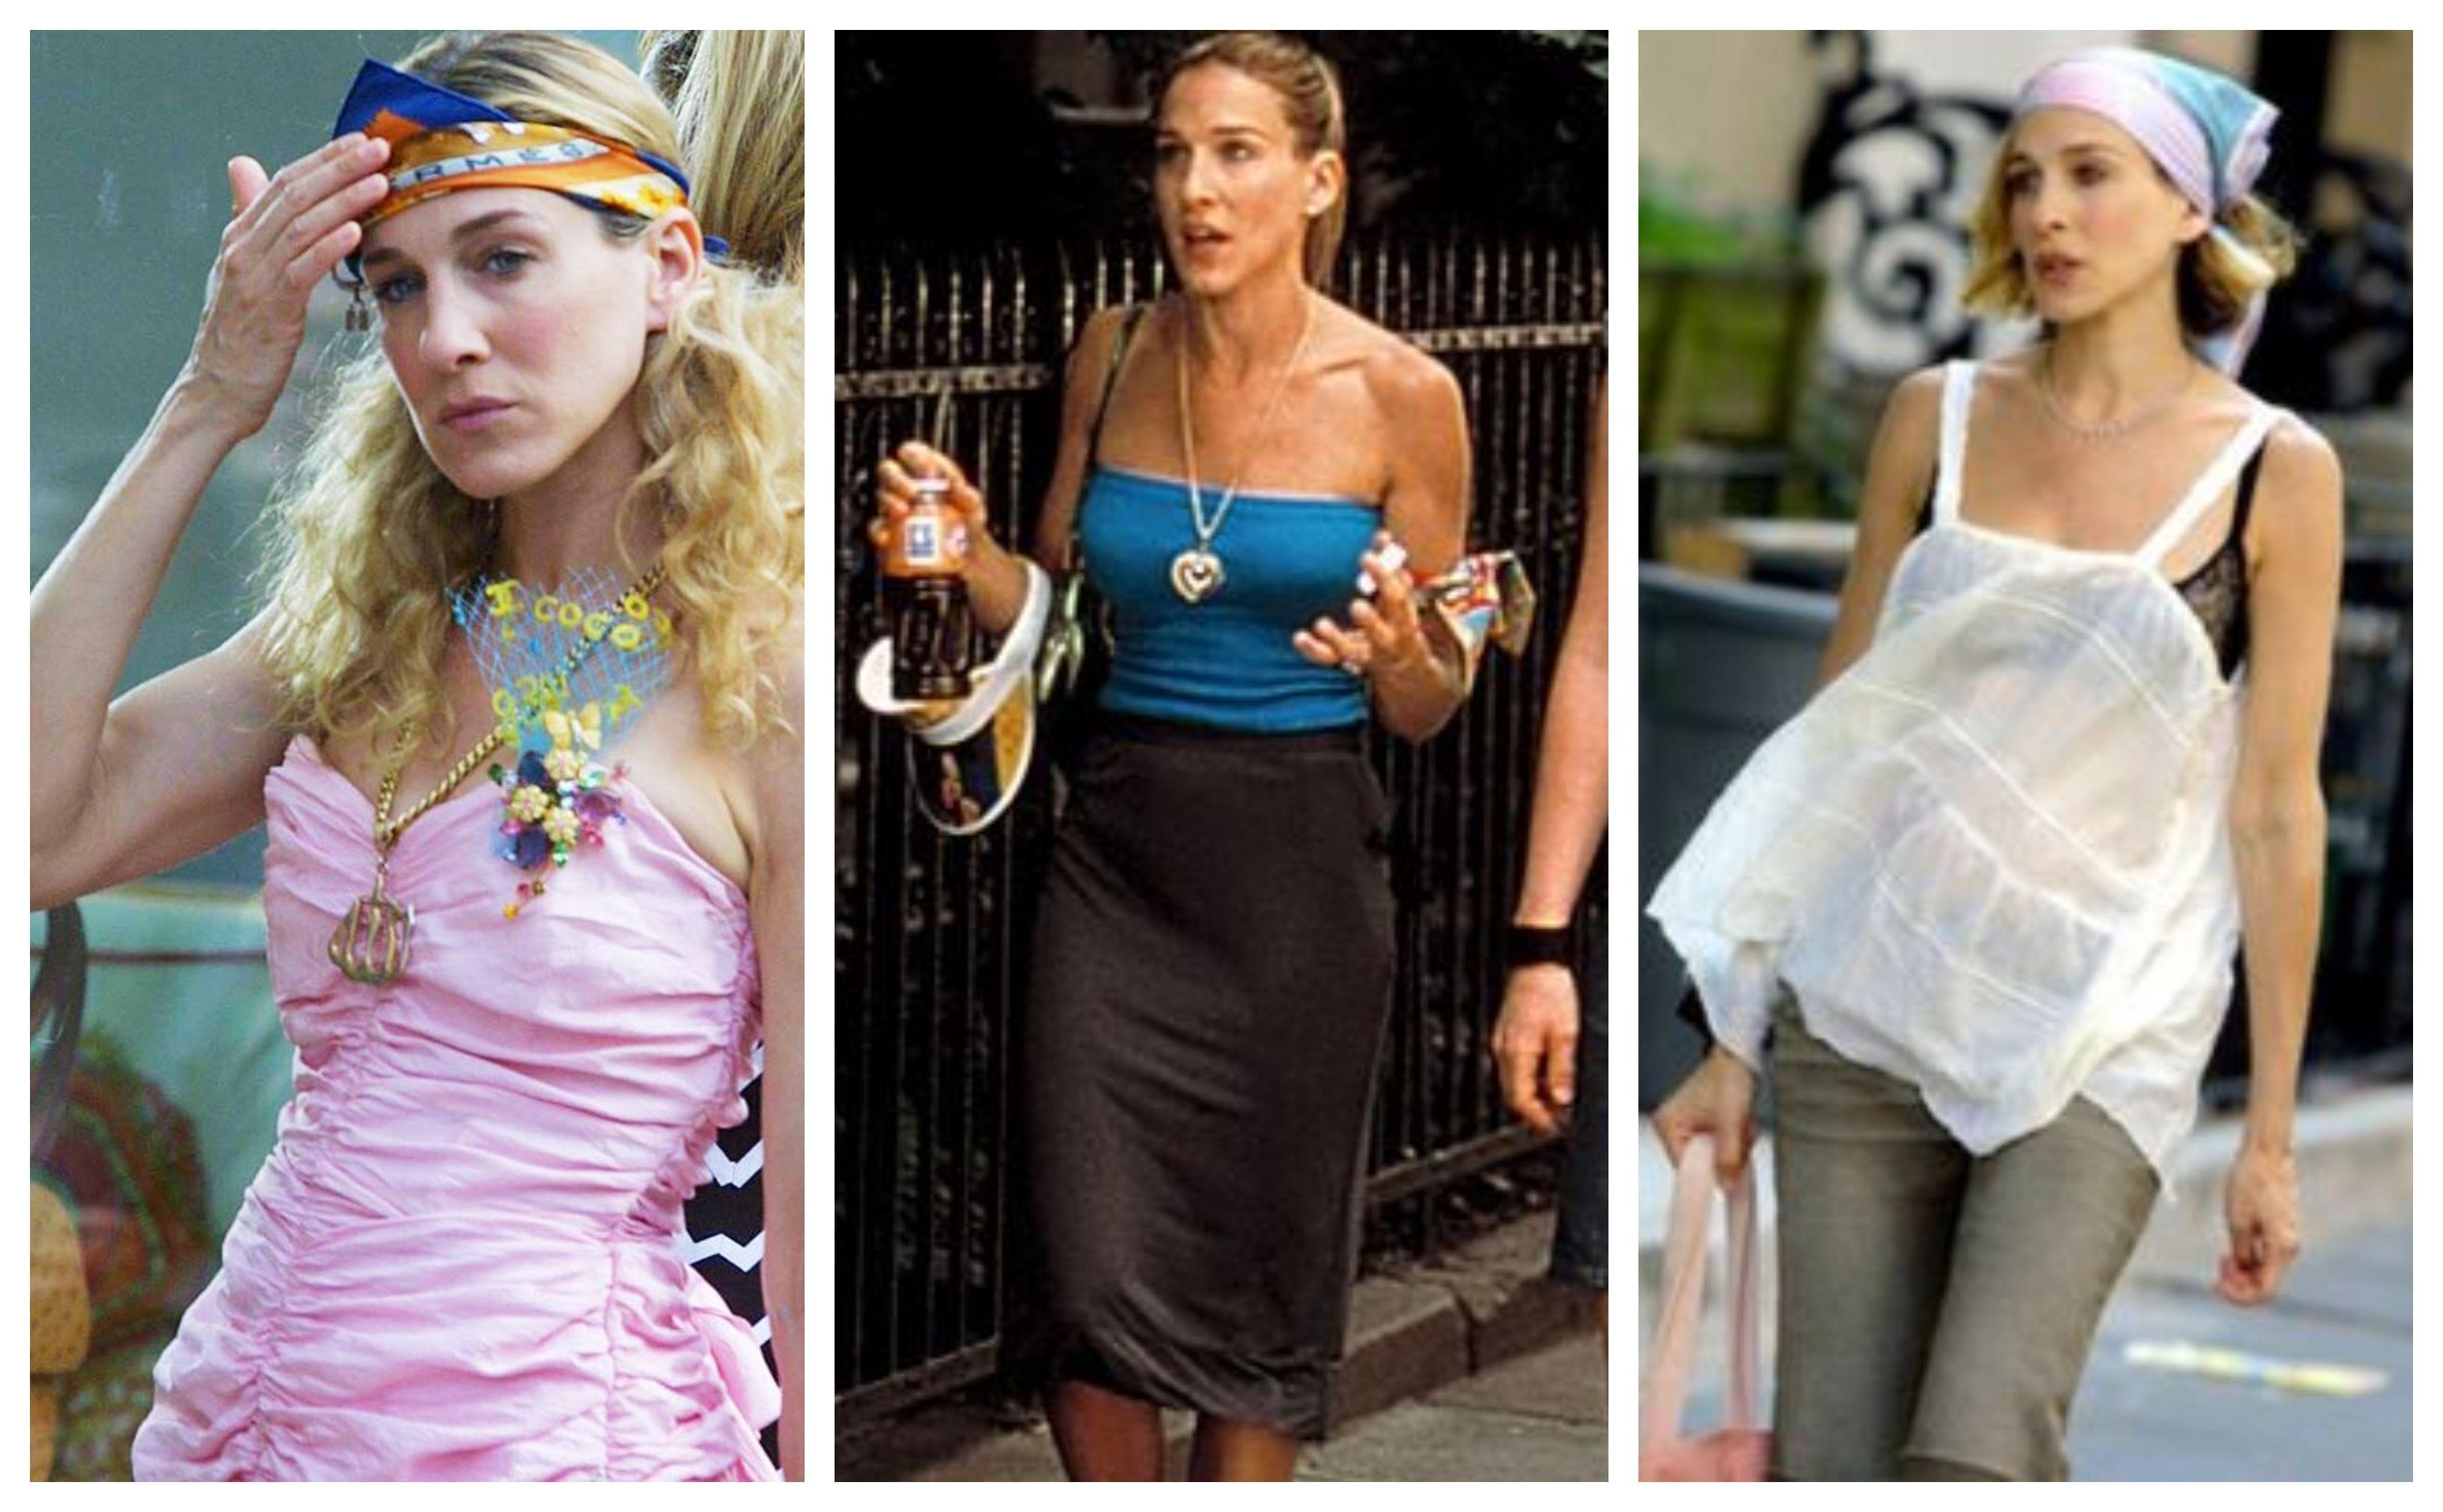 Čak je i Carrie znala da je marama 'it' detalj: Evo kako je nositi!